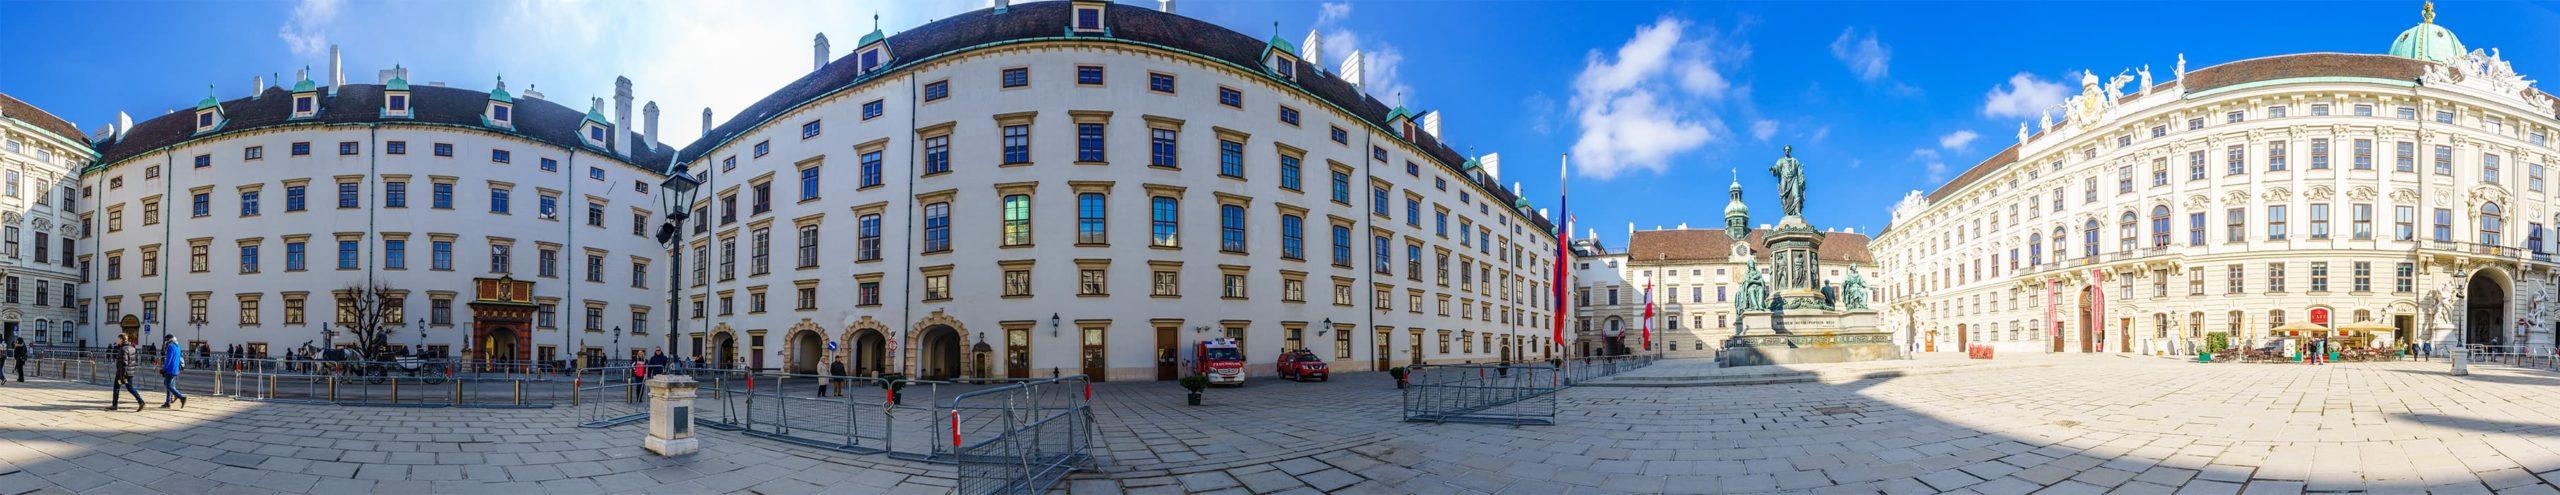 wien-panorama-in-der-burg